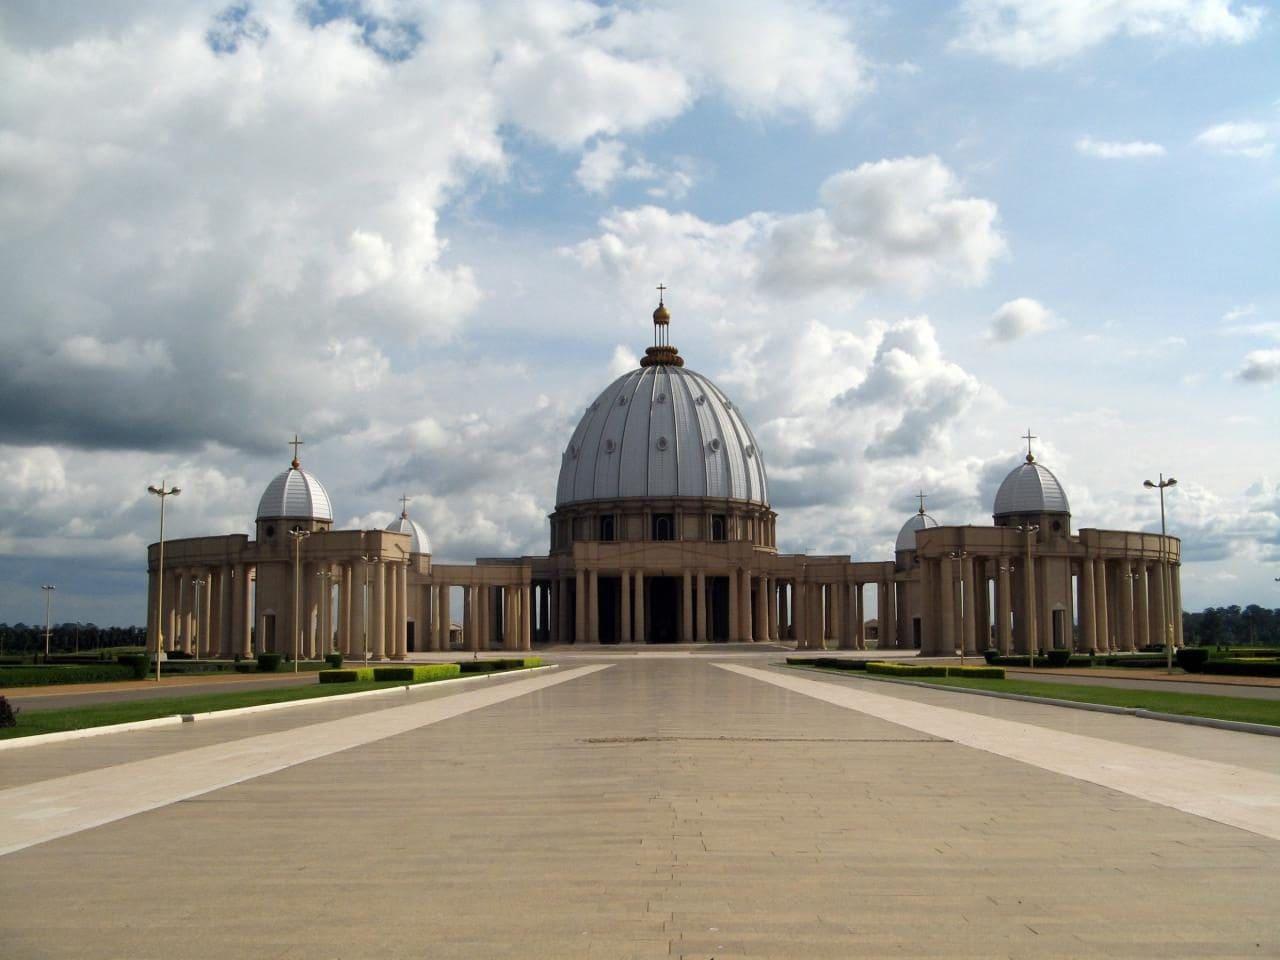 코트디부아르 야무수크로(Yamoussoukro)성모평화 대성당(Basilica of Our Lady of Peace), Image - Felix Krohn, Wiki